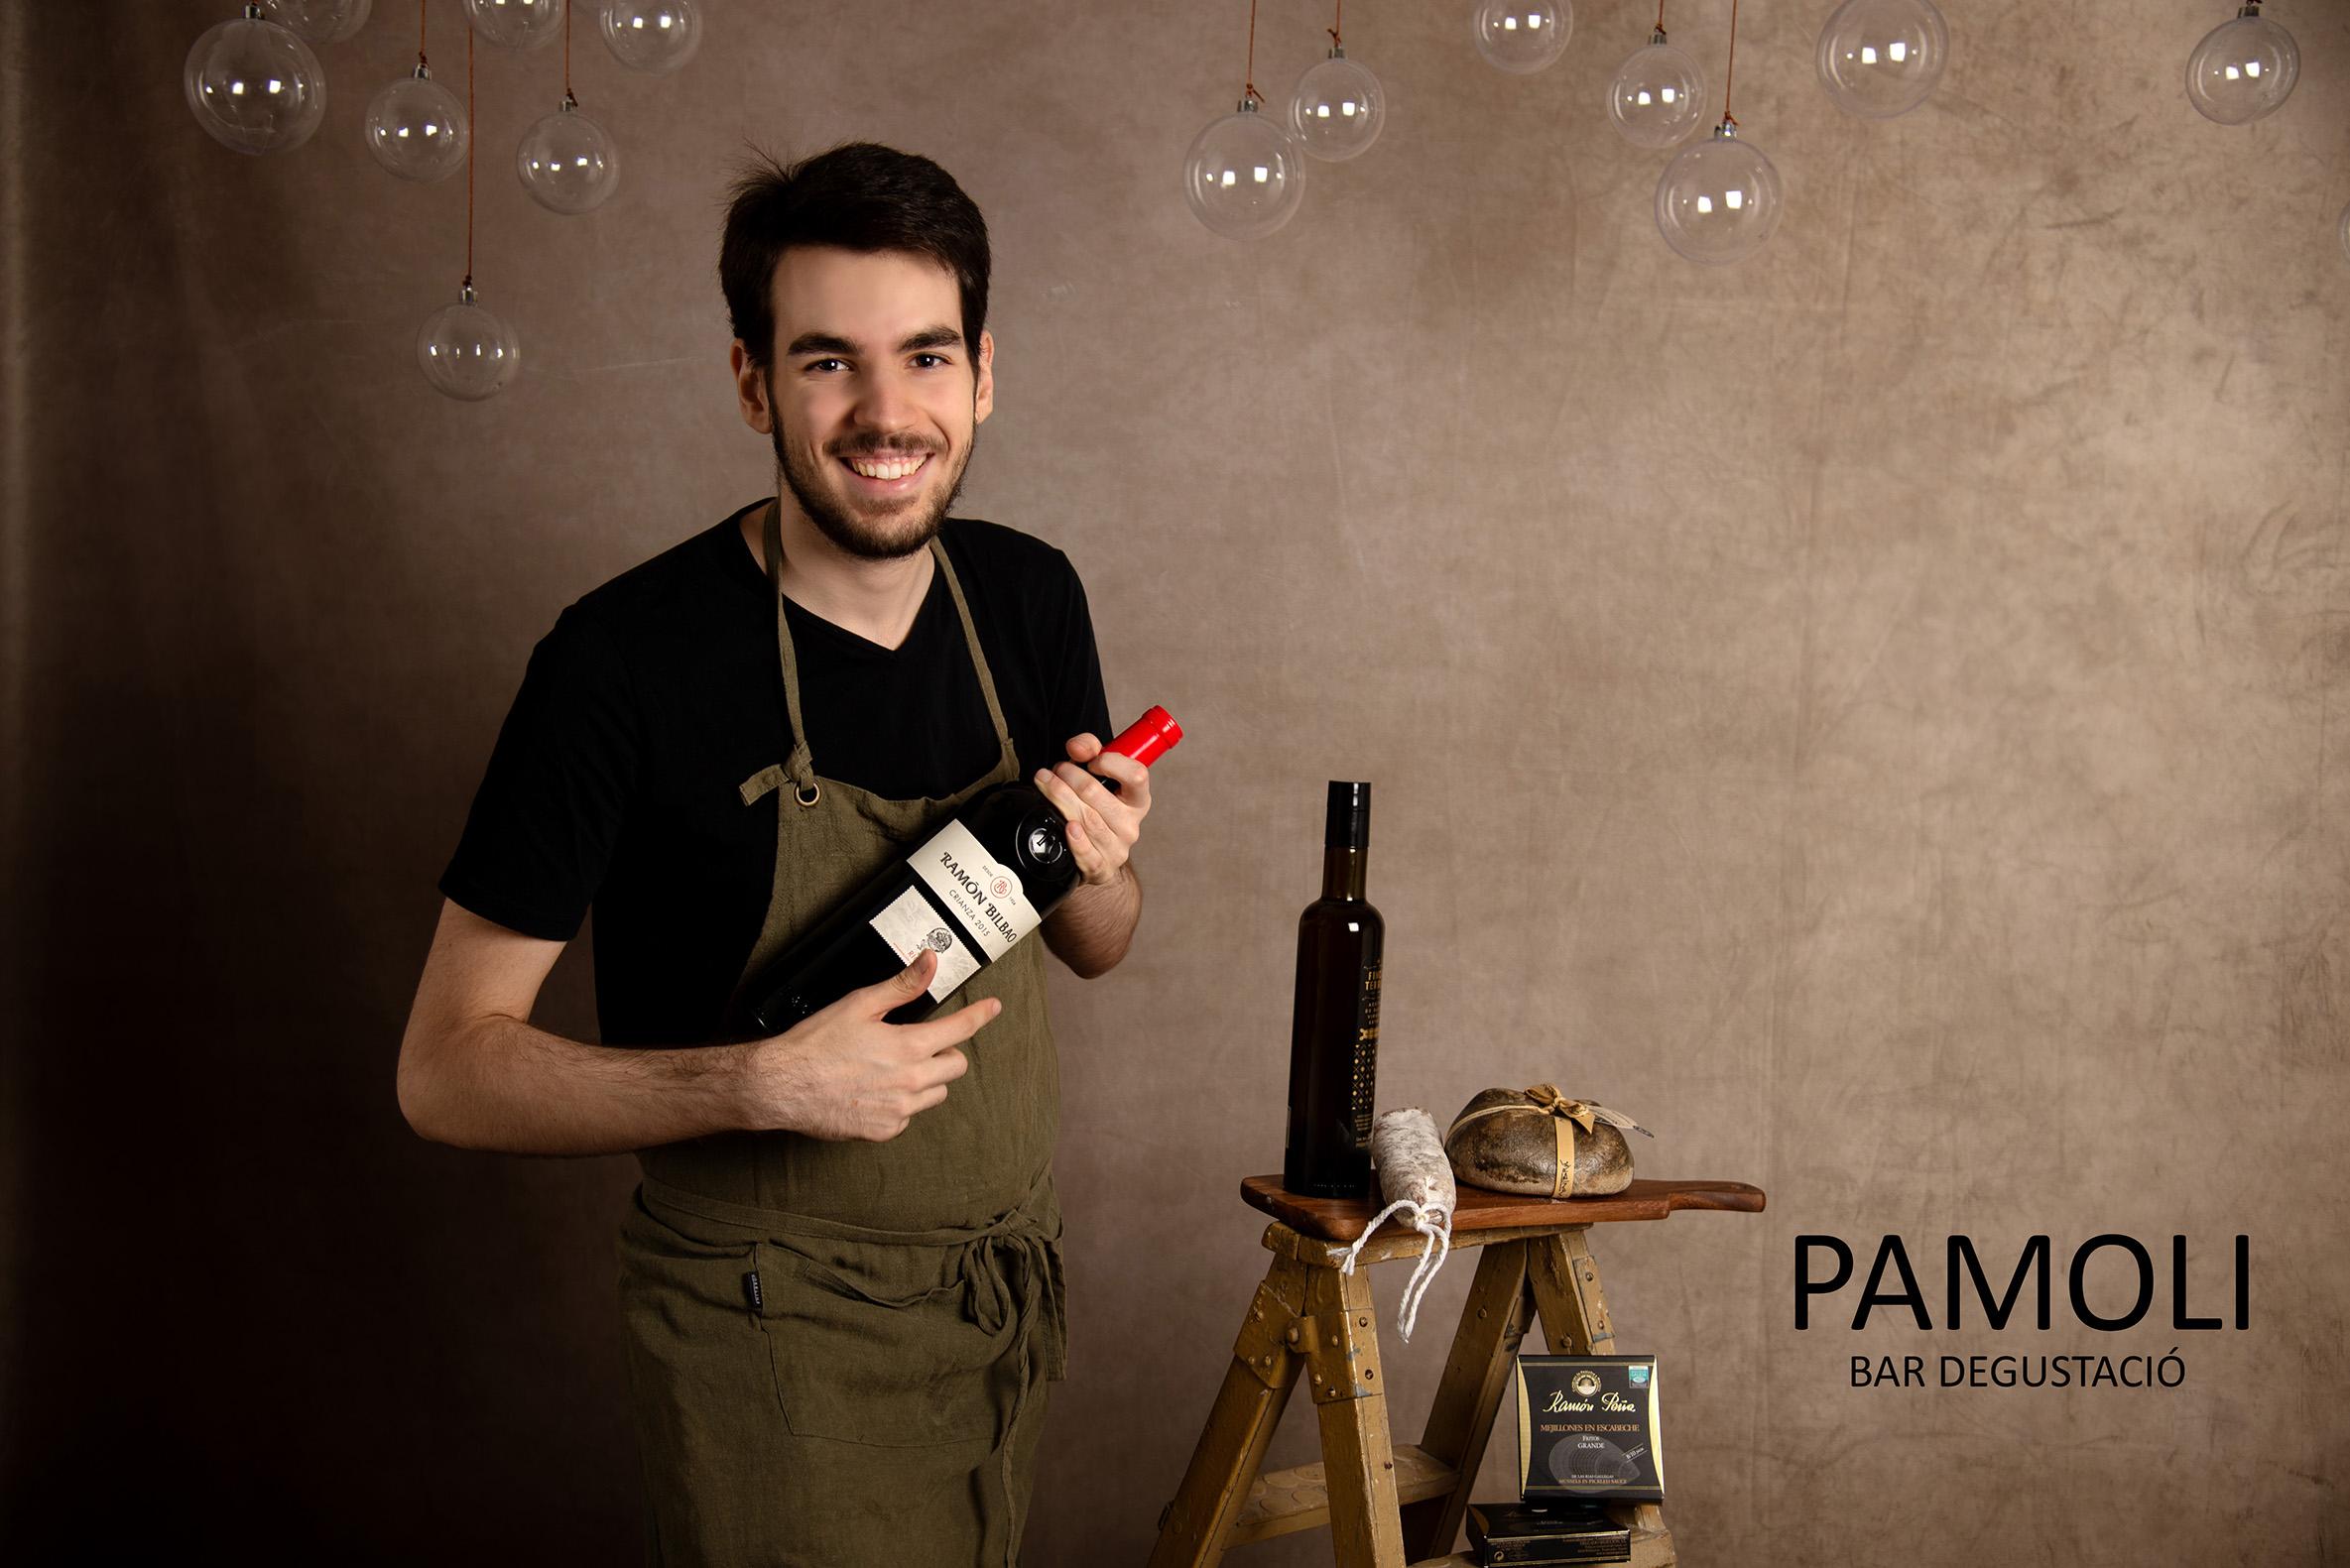 Pamoli Bar Degustació